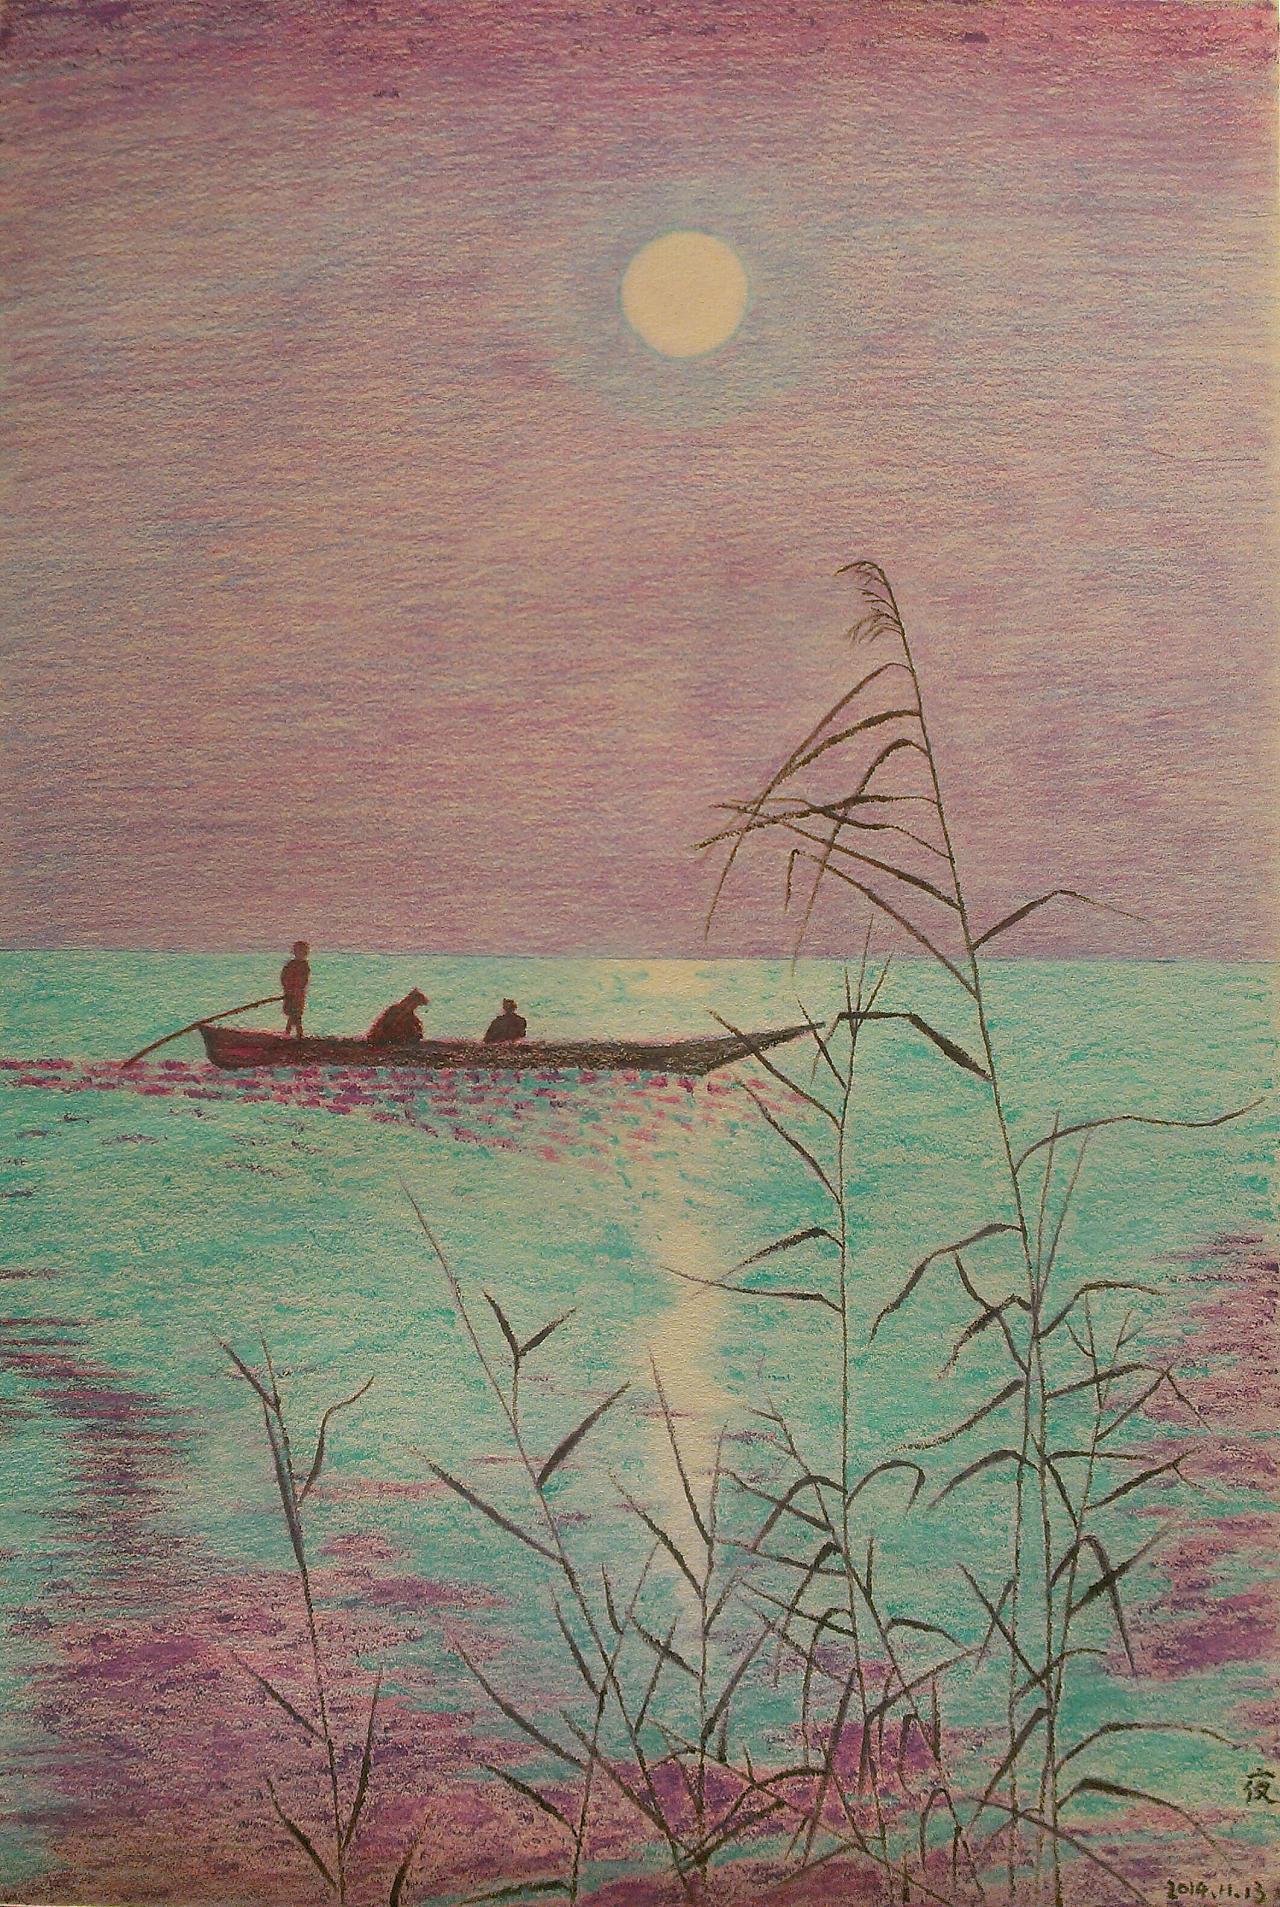 彩铅风景画作品图片_再见清晨彩铅风景|纯艺术|彩铅|再见清晨 - 原创作品 - 站酷 (ZCOOL)